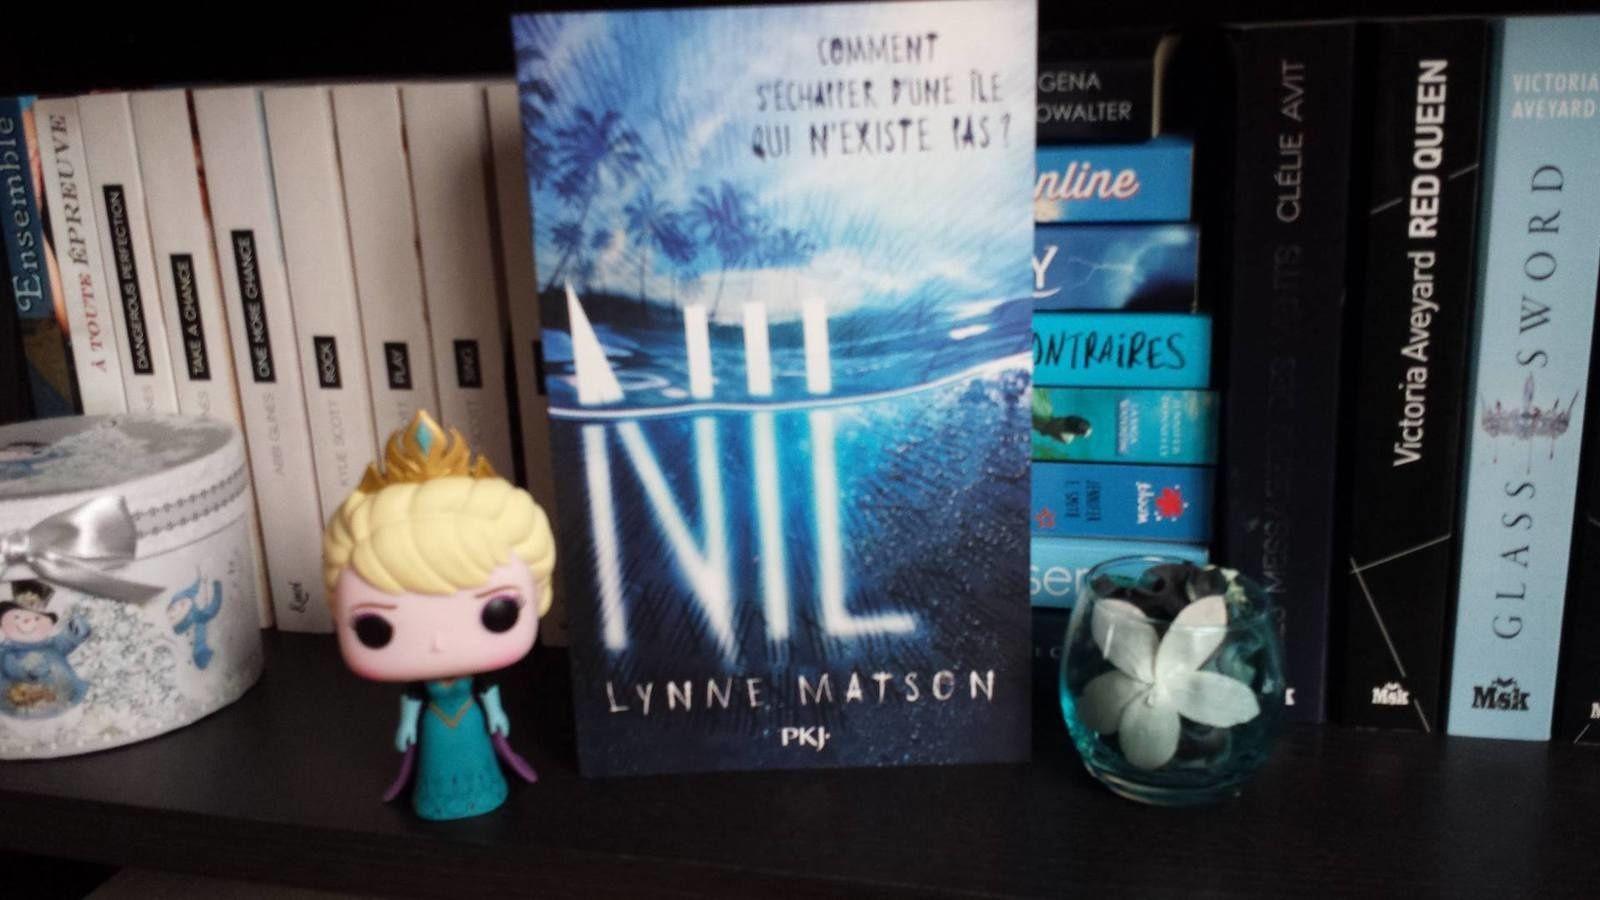 nil-tome-1-lynne-matson